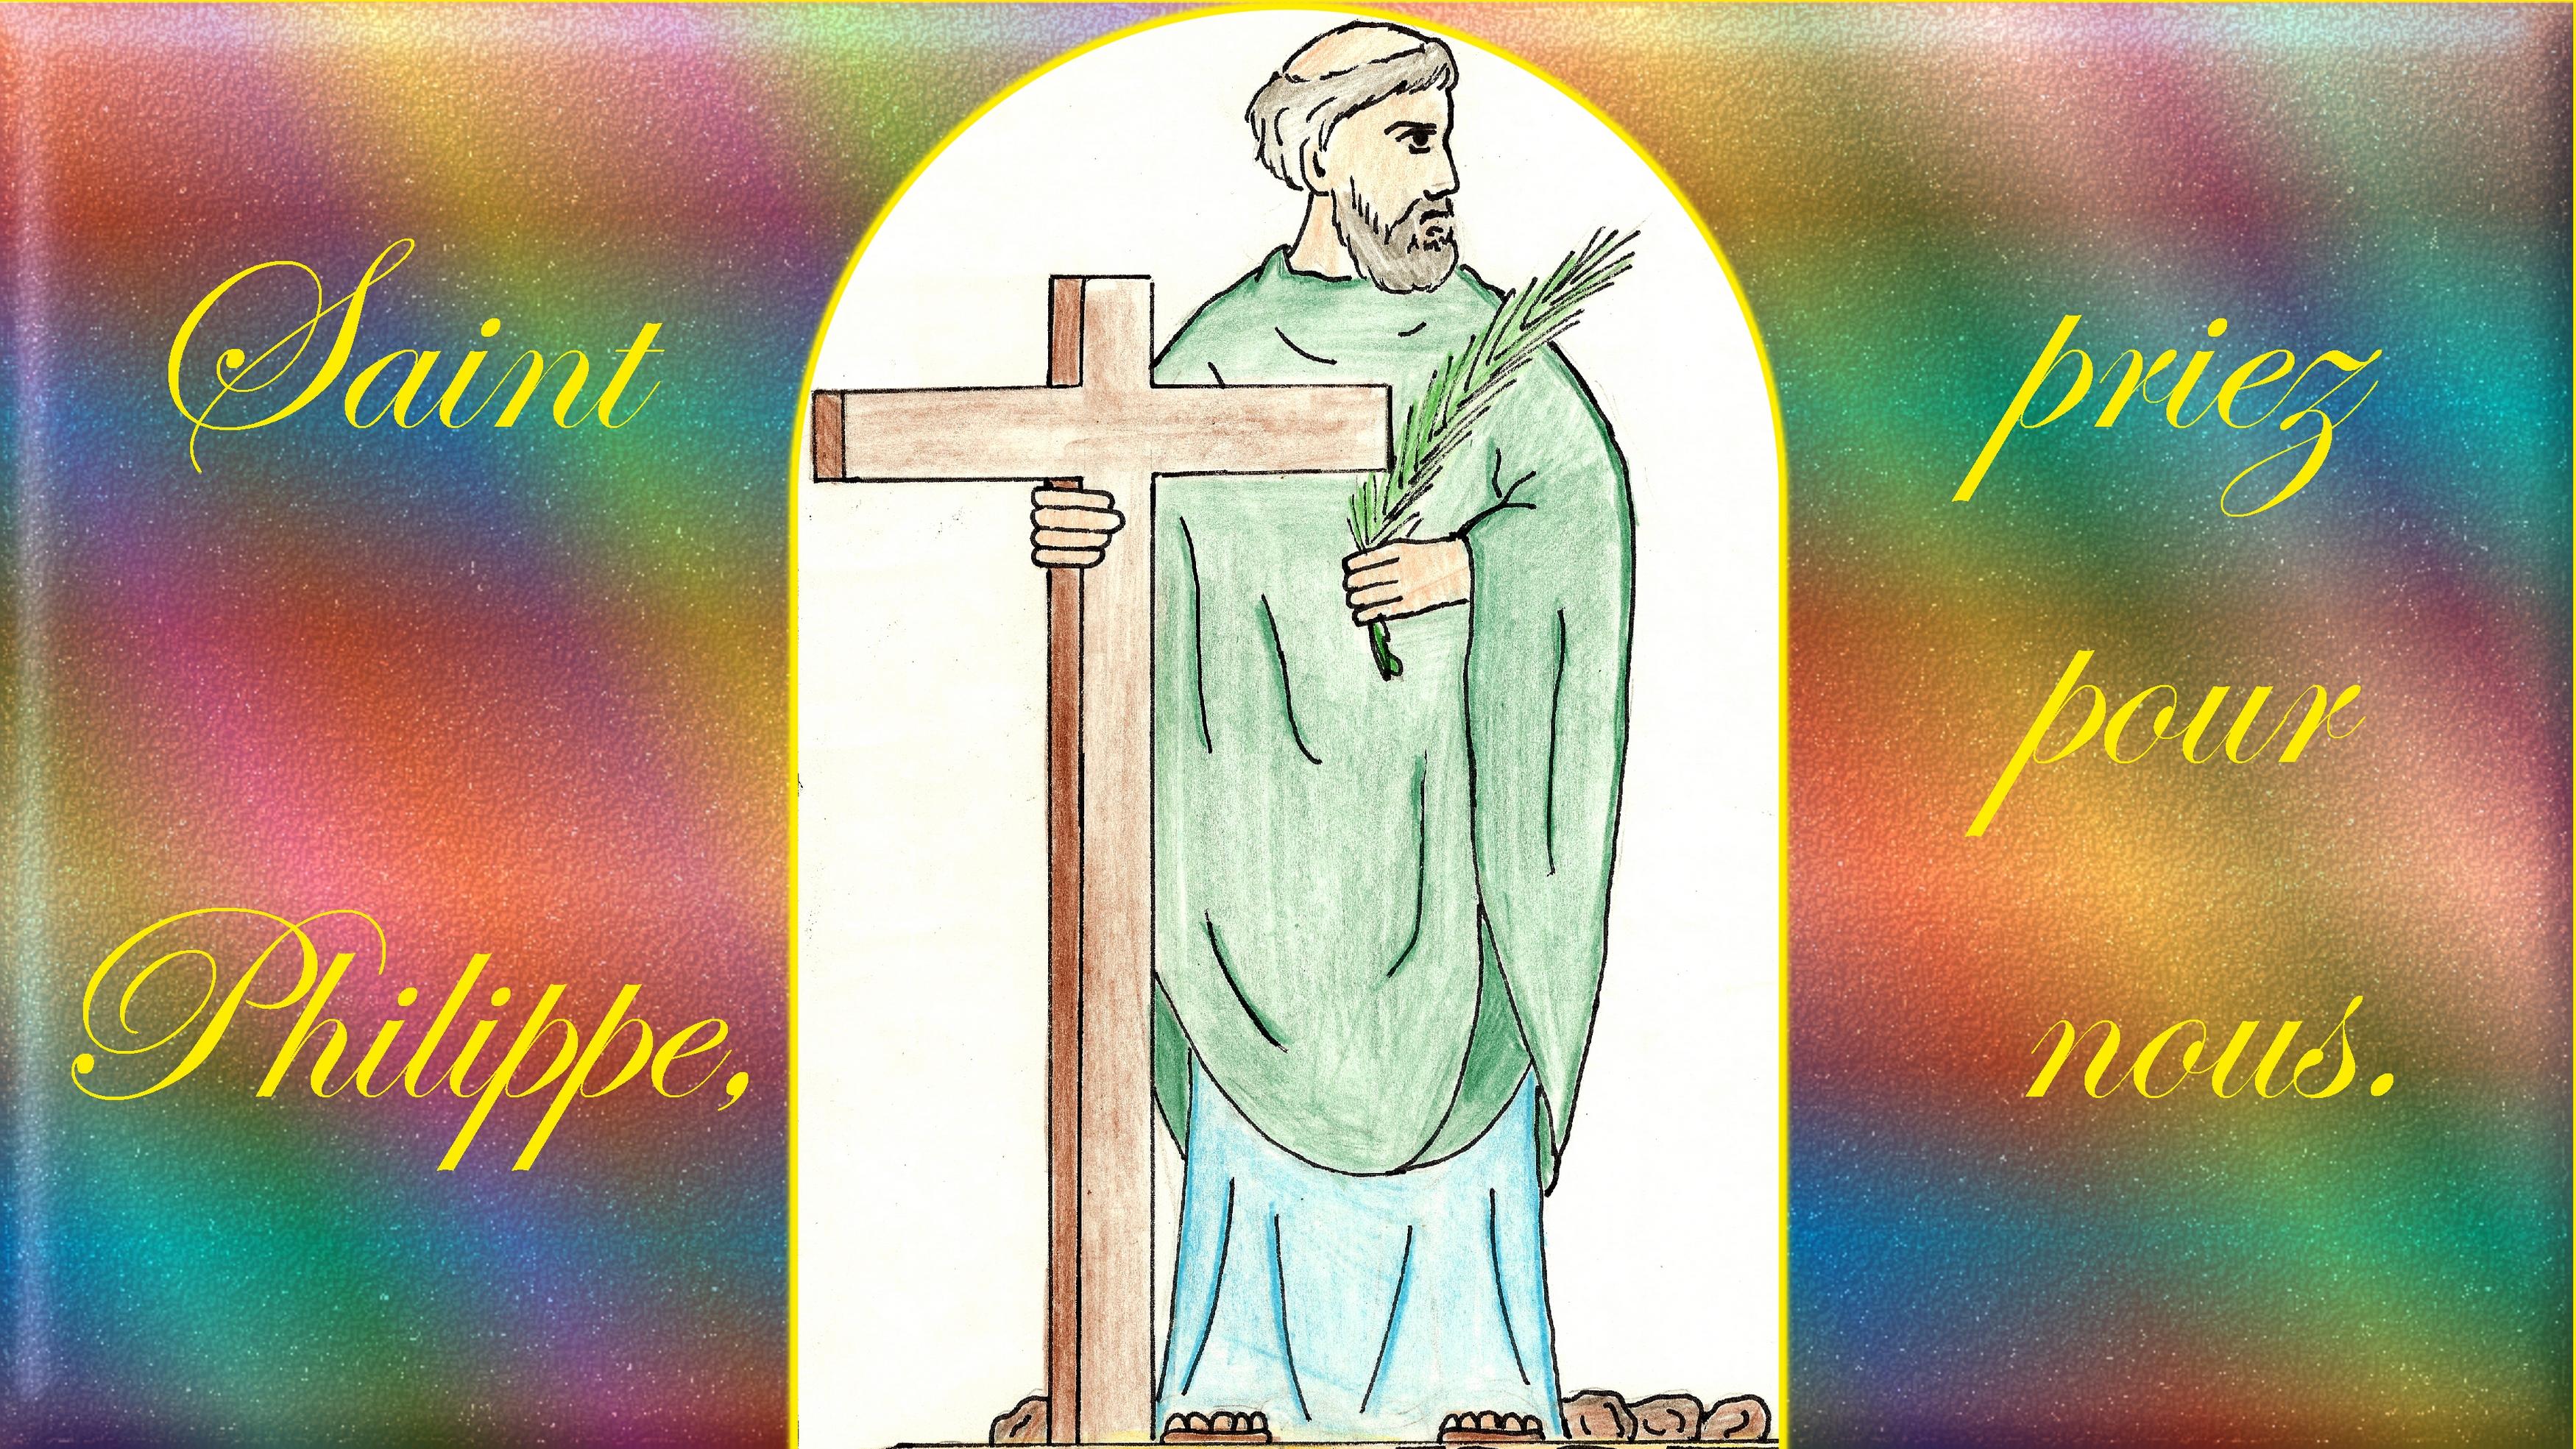 CALENDRIER CATHOLIQUE 2020 (Cantiques, Prières & Images) - Page 14 St-philippe-575d06f